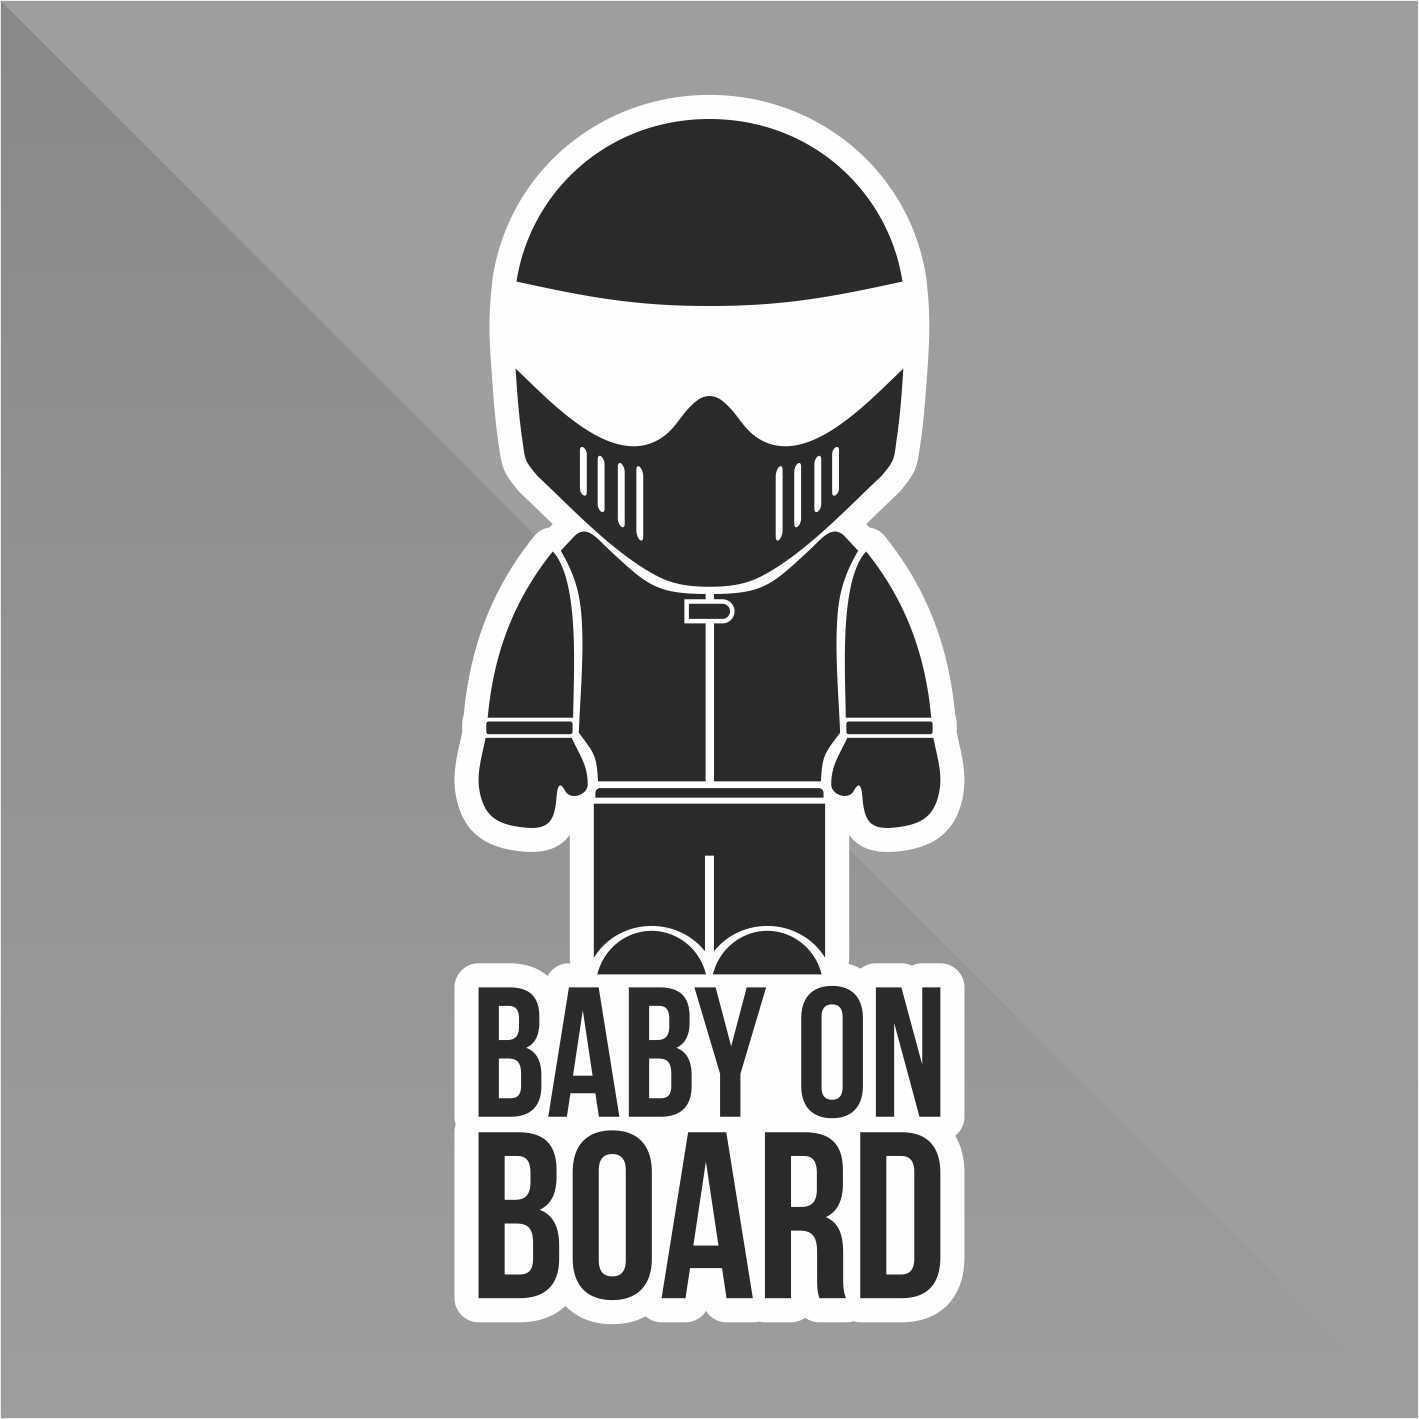 Sticker Bambini a bordo Baby on board b/éb/é /à bord beb/é a bordo Baby an Bord Decal Auto Moto Casco Wall Camper Bike Adesivo Adhesive Autocollant Pegatina Aufkleber cm 10